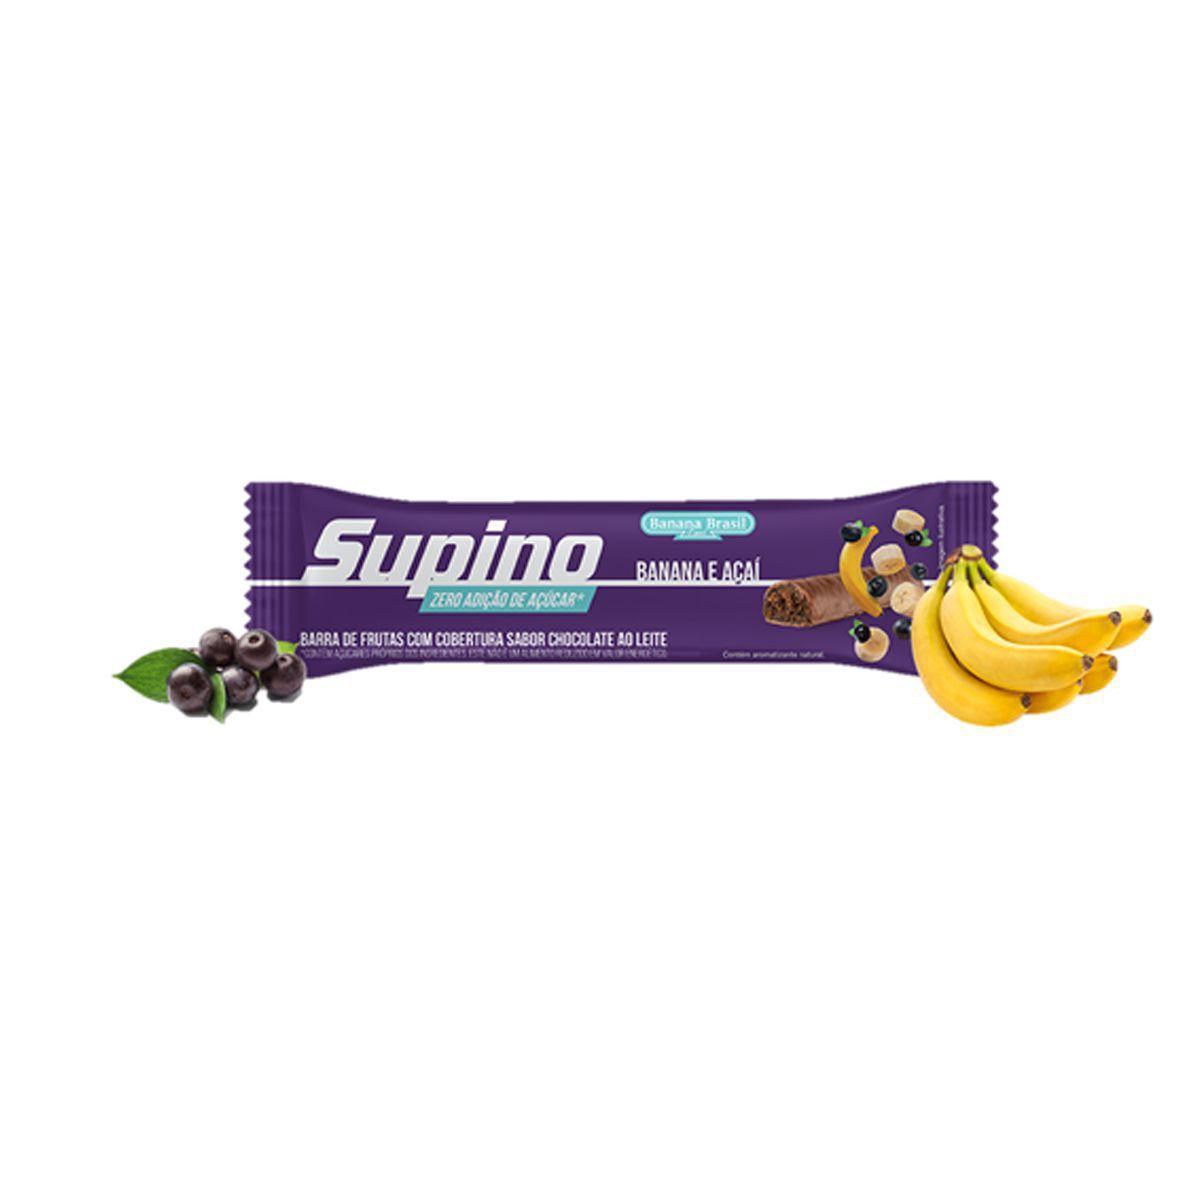 Supino Barra Sabor Açai Zero Açúcar cx com 16 x 24g - Banana Brasil